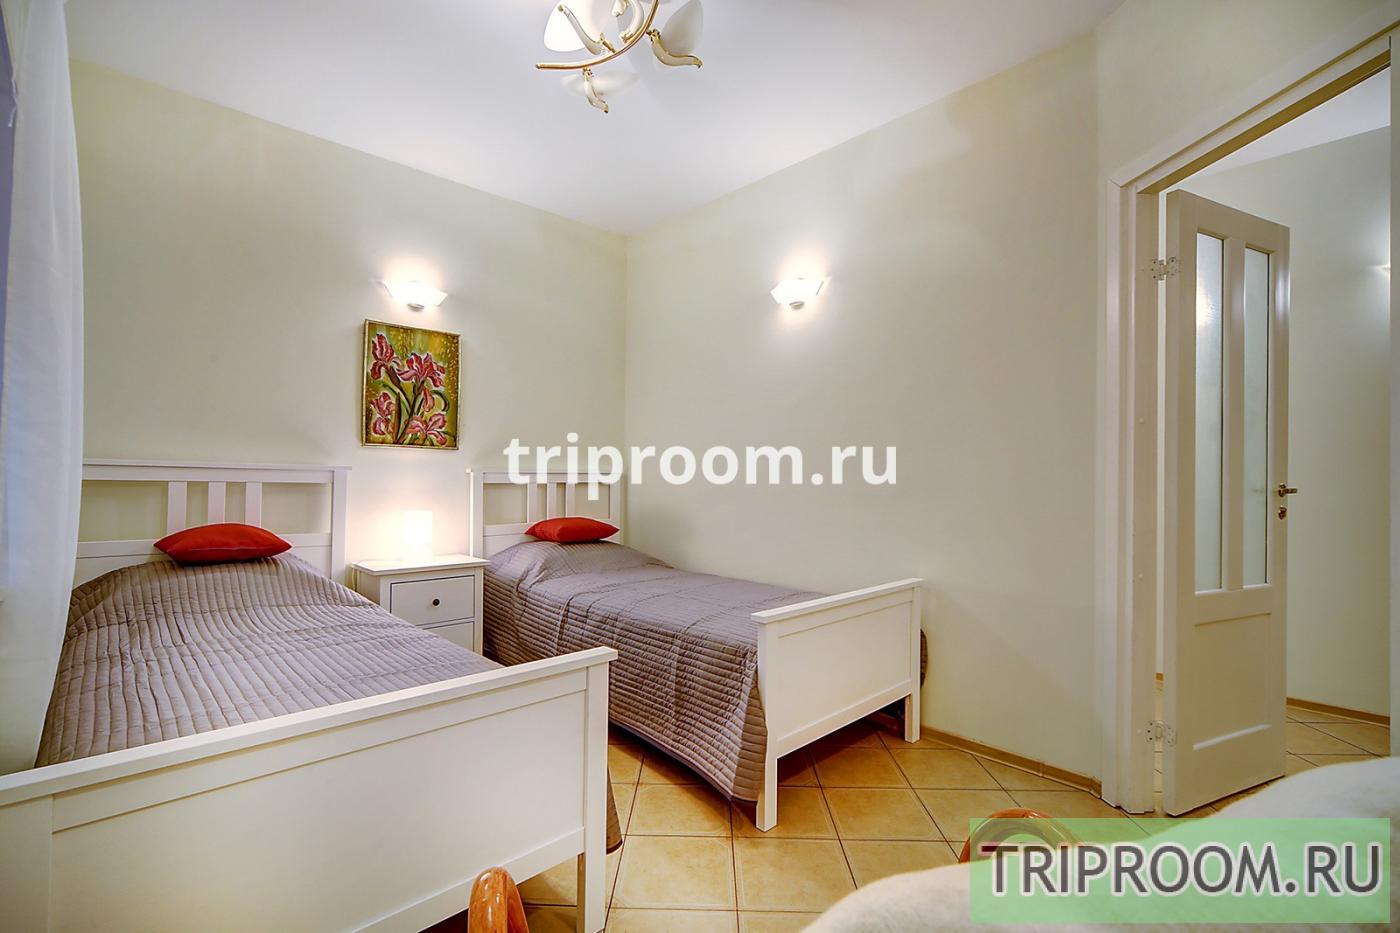 3-комнатная квартира посуточно (вариант № 14749), ул. Большая Конюшенная улица, фото № 14